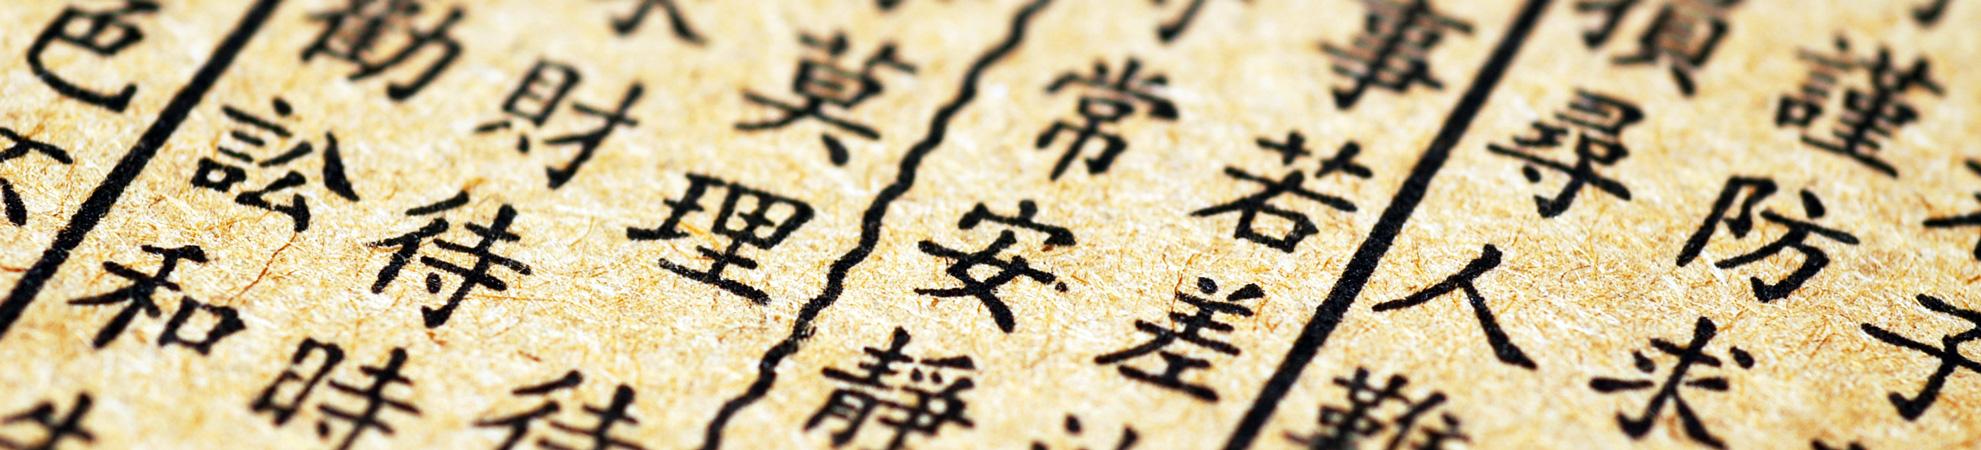 Langue de chine et pratique du chinois